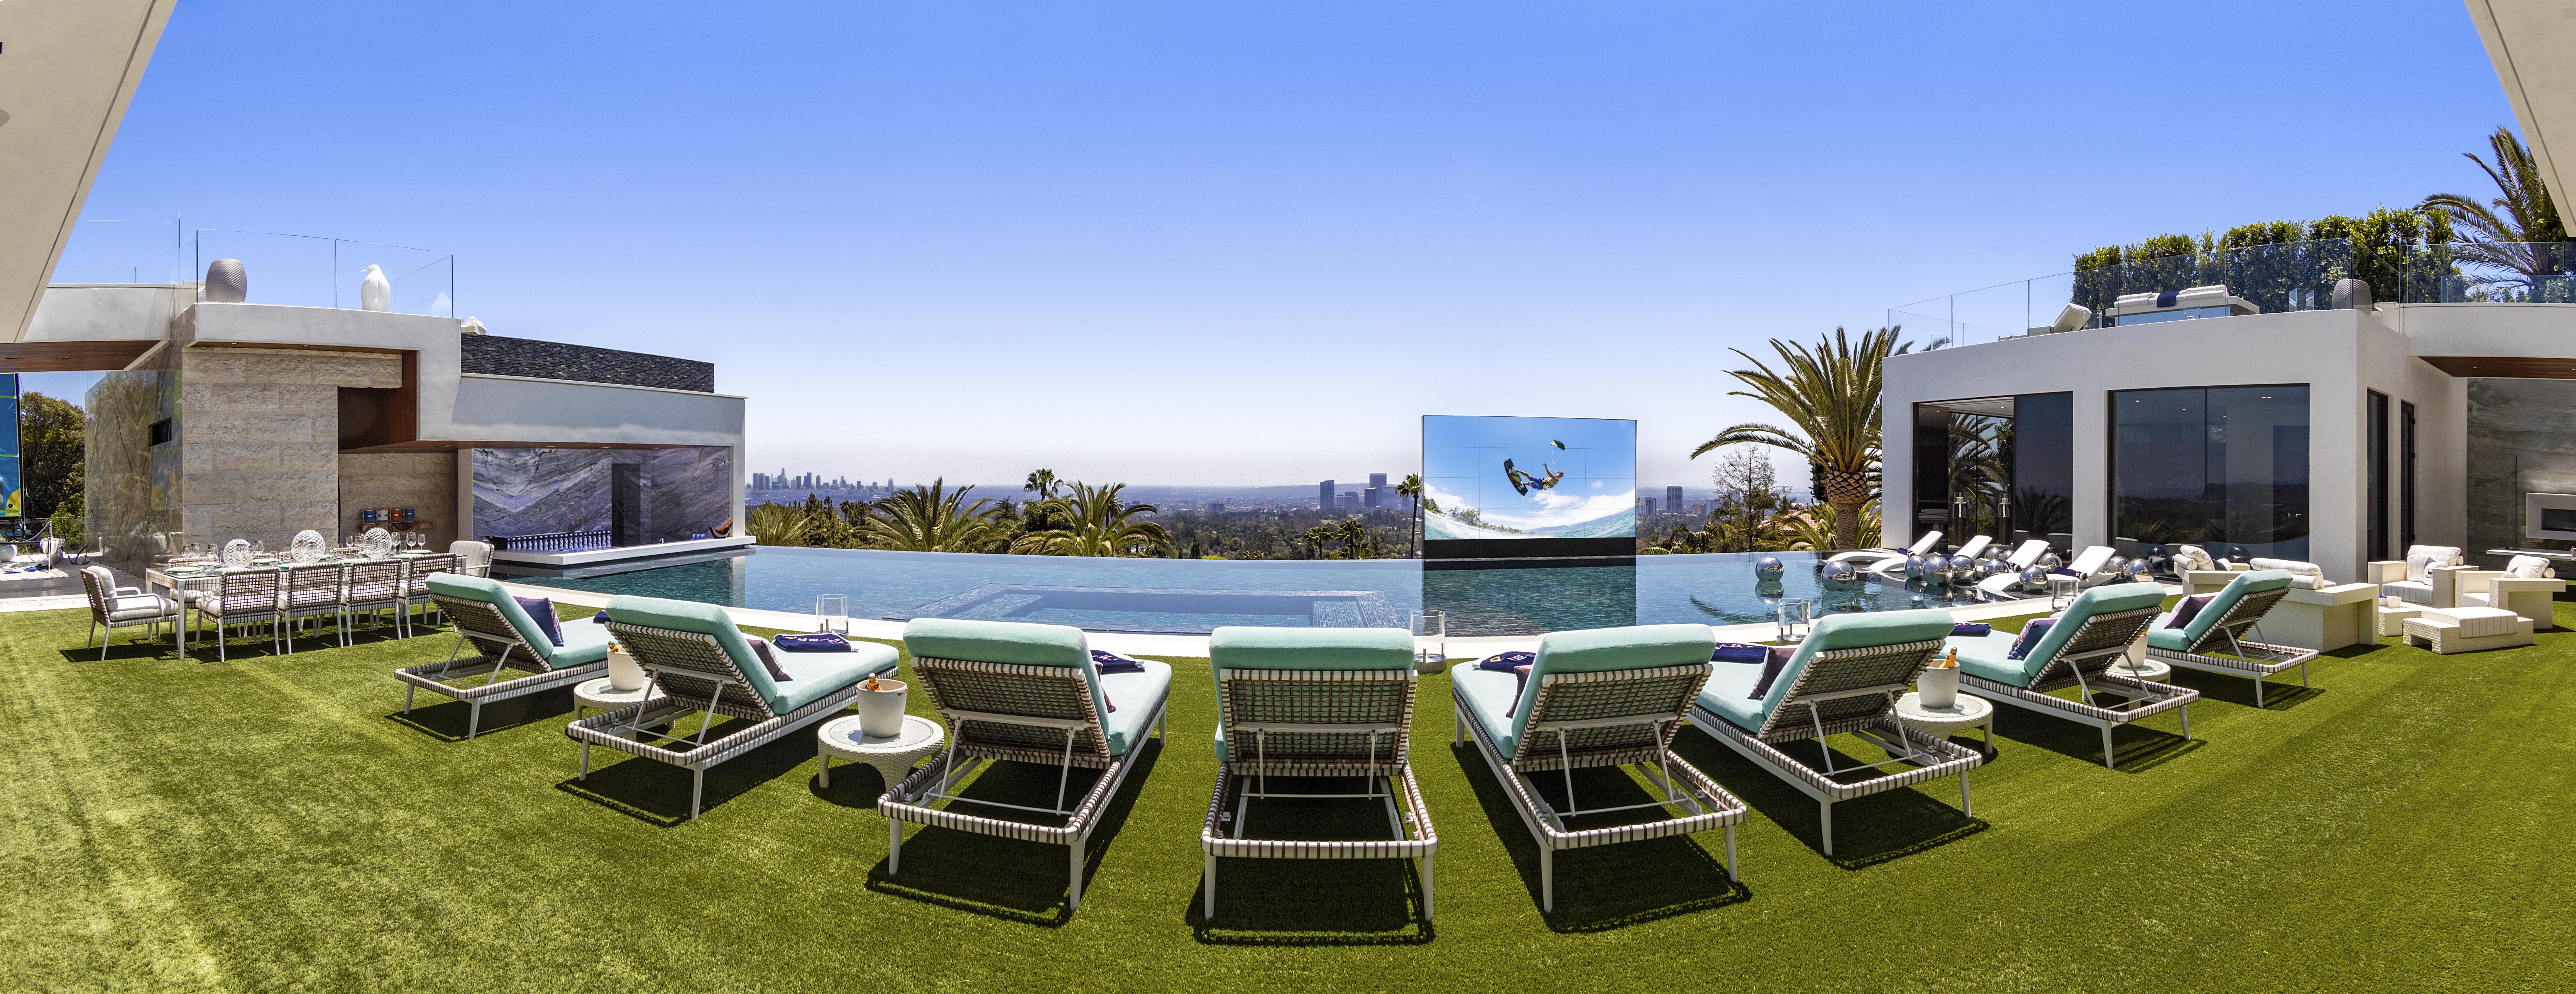 03.Pool_Panorama 300DPI